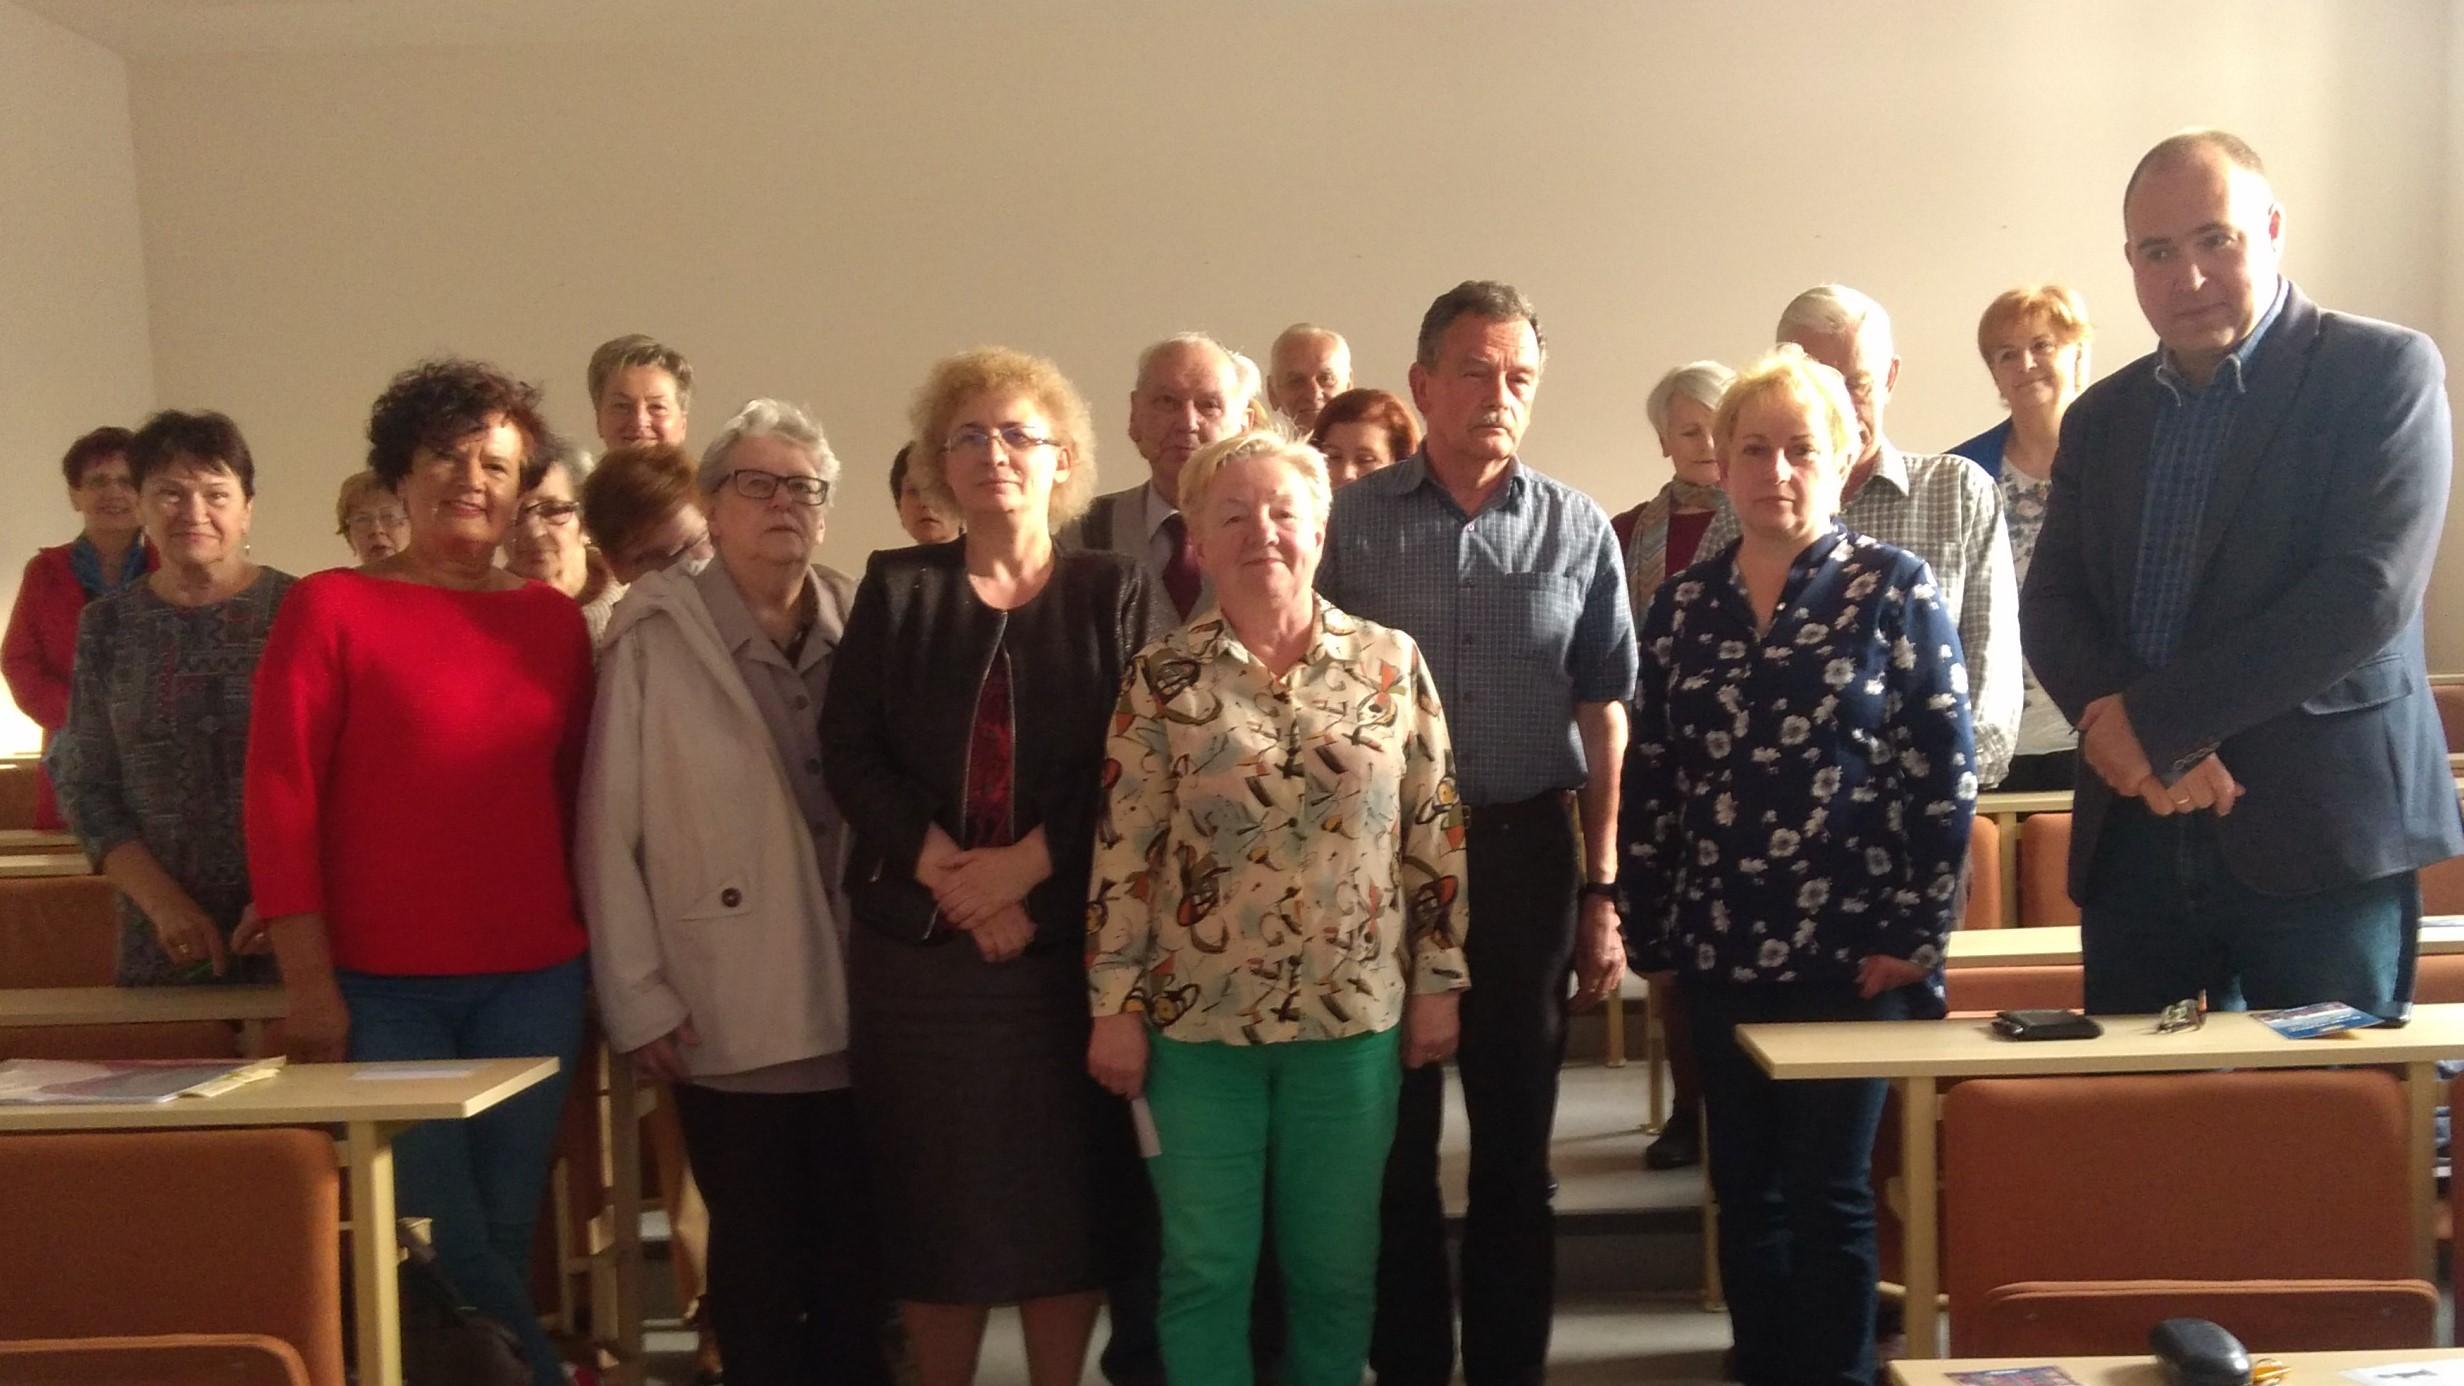 Z wizytą w Gnieźnieńskim Uniwersytecie Trzeciego Wieku